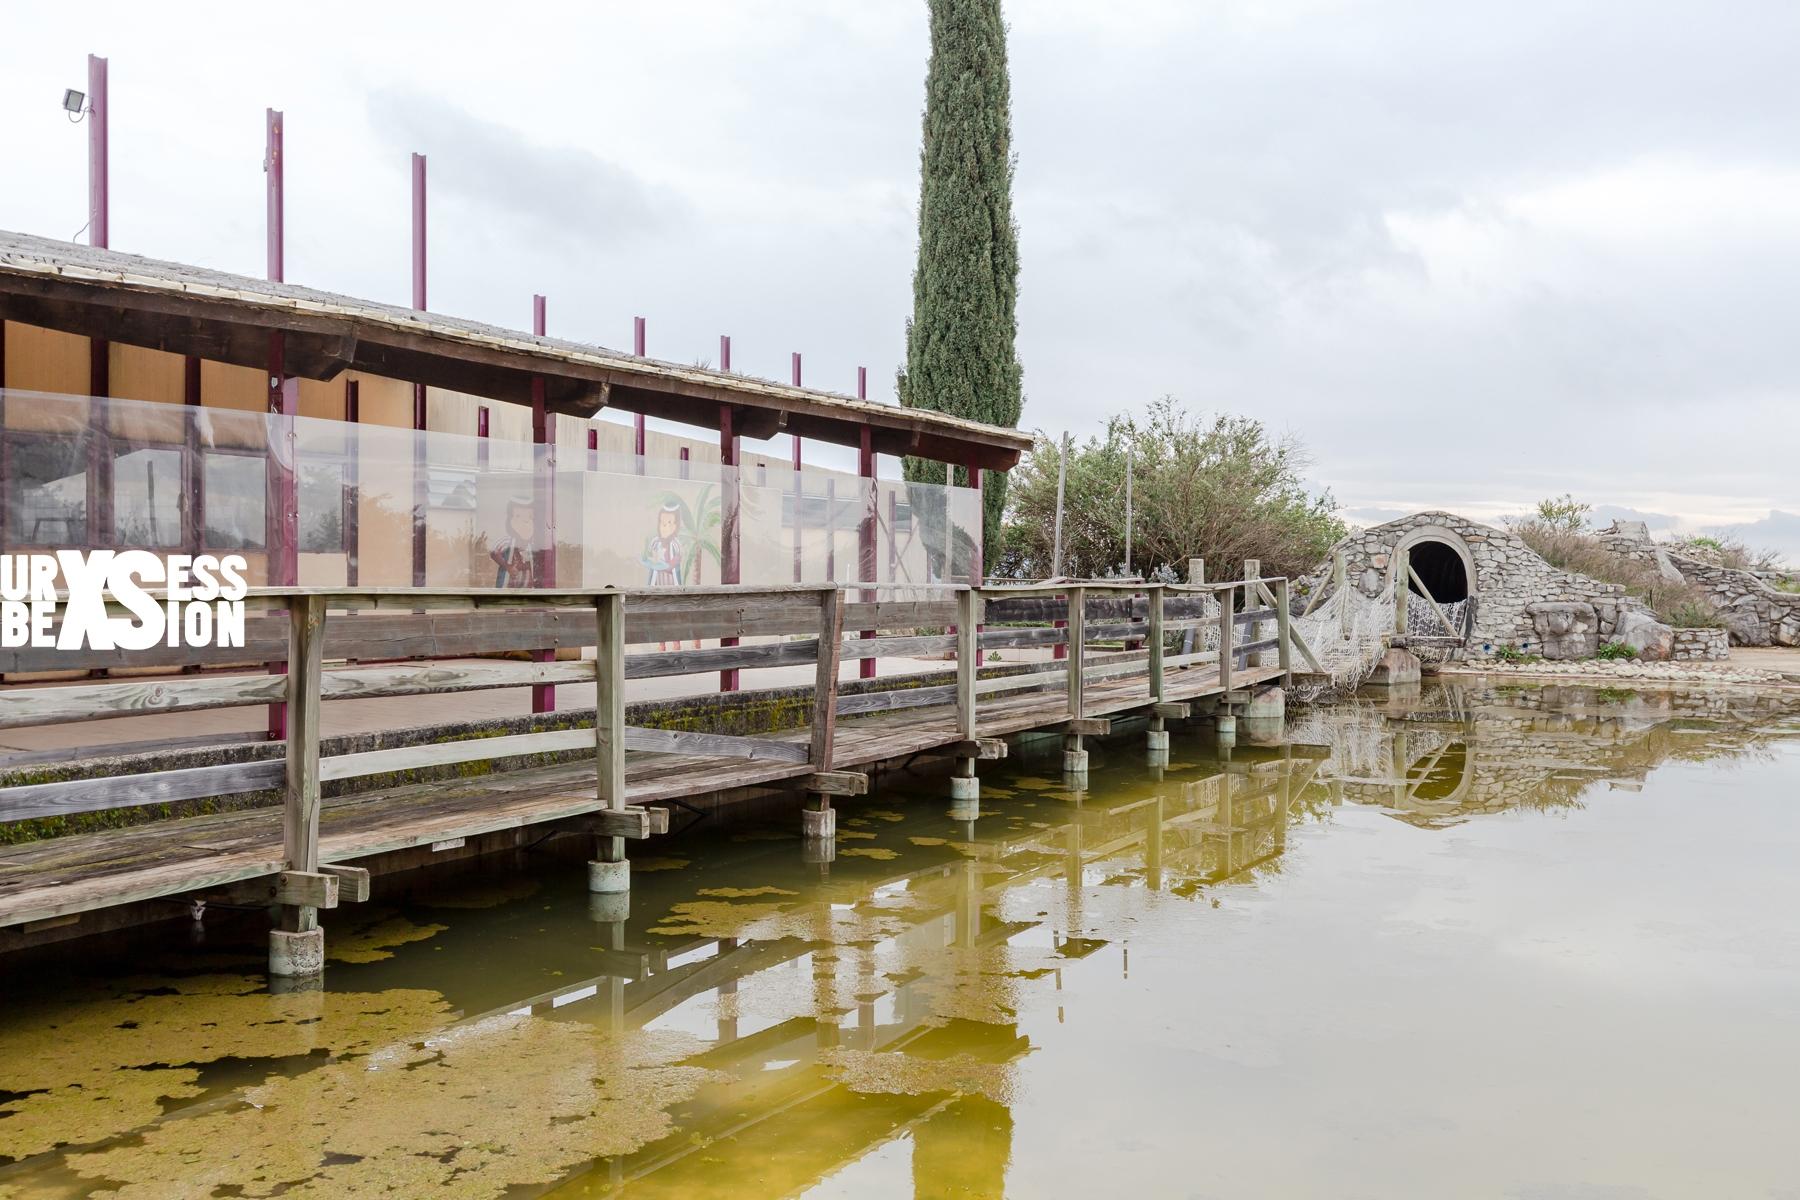 Parc d'attraction abandonné en France | urbexsession.com/parc-attraction-gacy-land | Urbex France